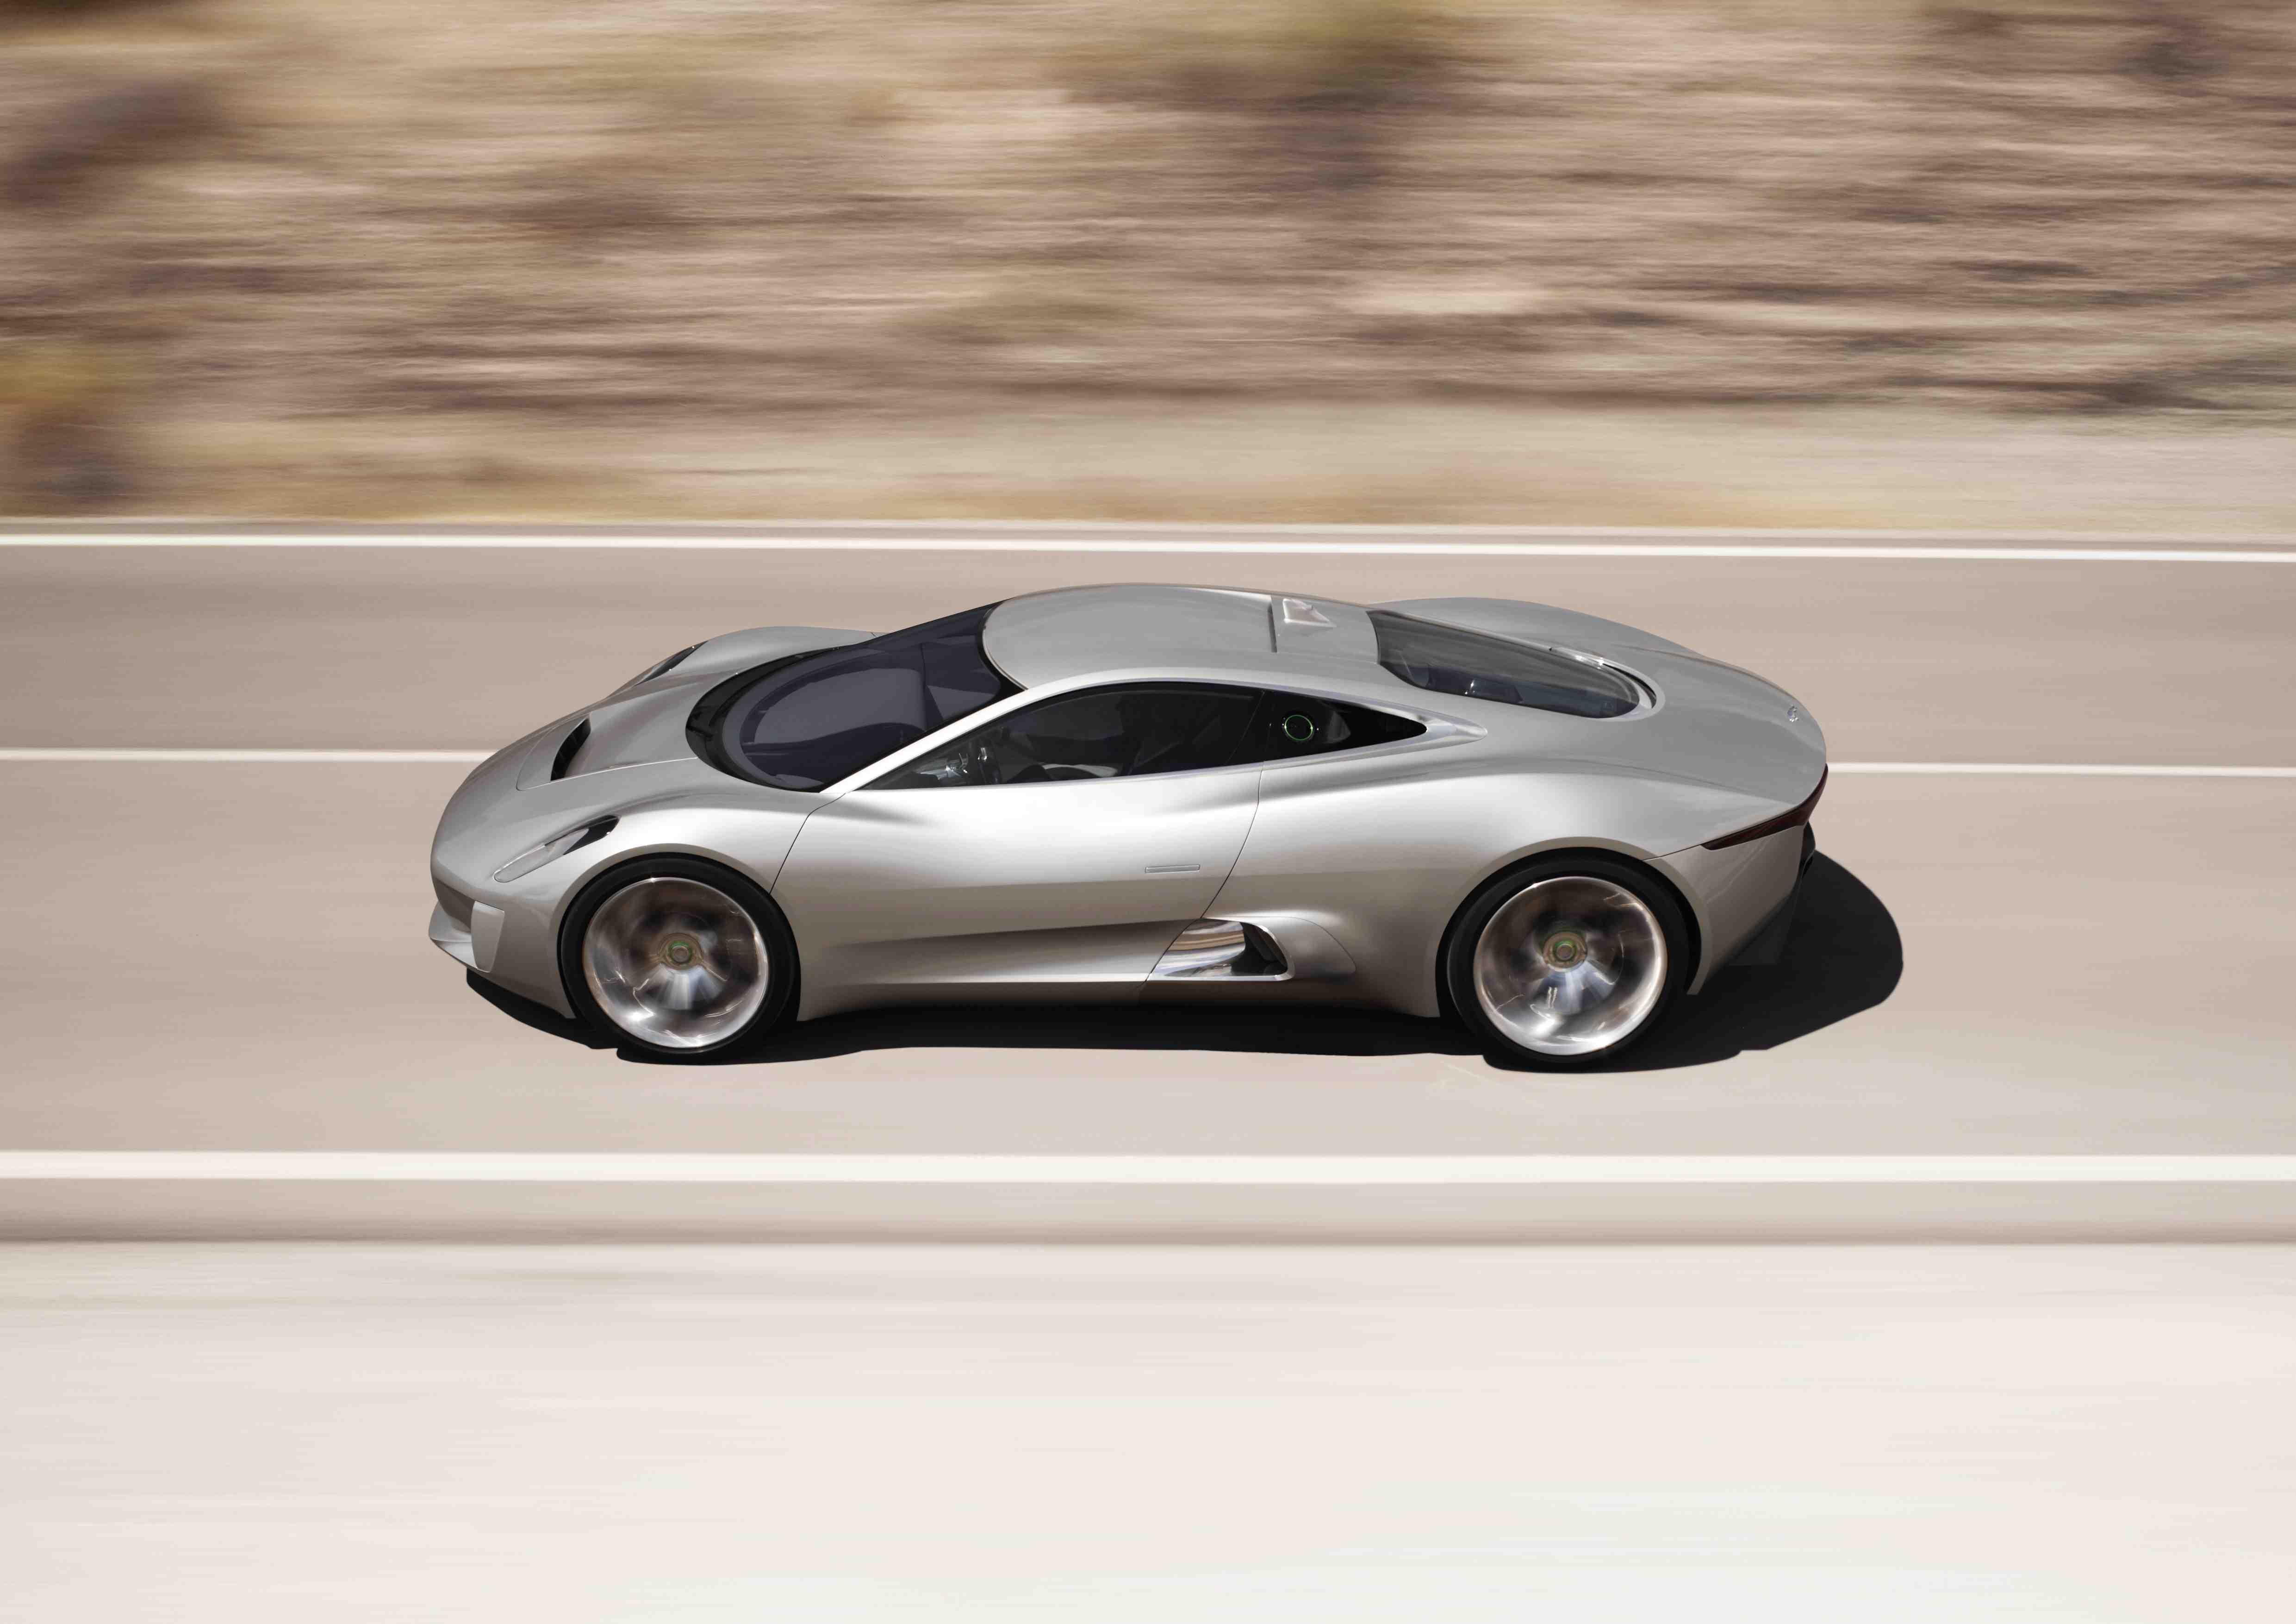 Jaguar C-X75 top speed (205 mph)